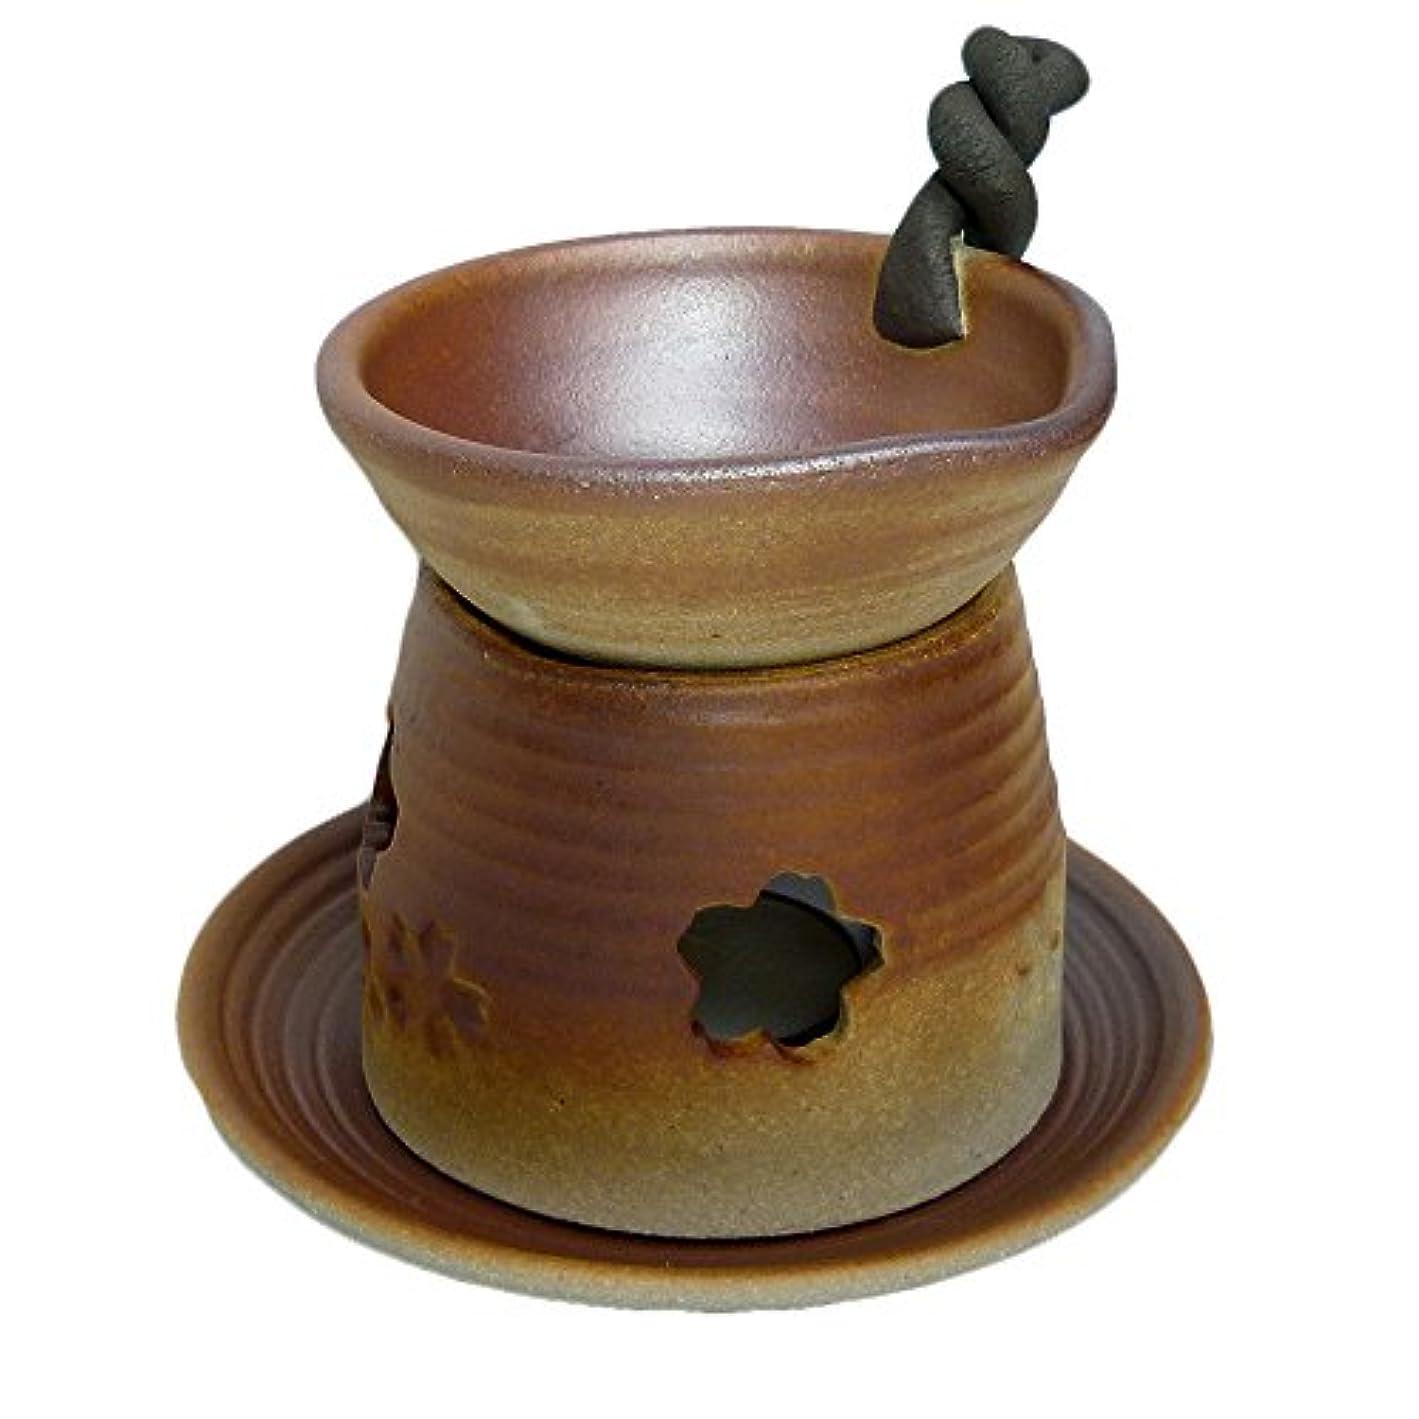 ドラム未接続欲望香炉 錆吹き 手付茶香炉 [H13.5cm] HANDMADE プレゼント ギフト 和食器 かわいい インテリア